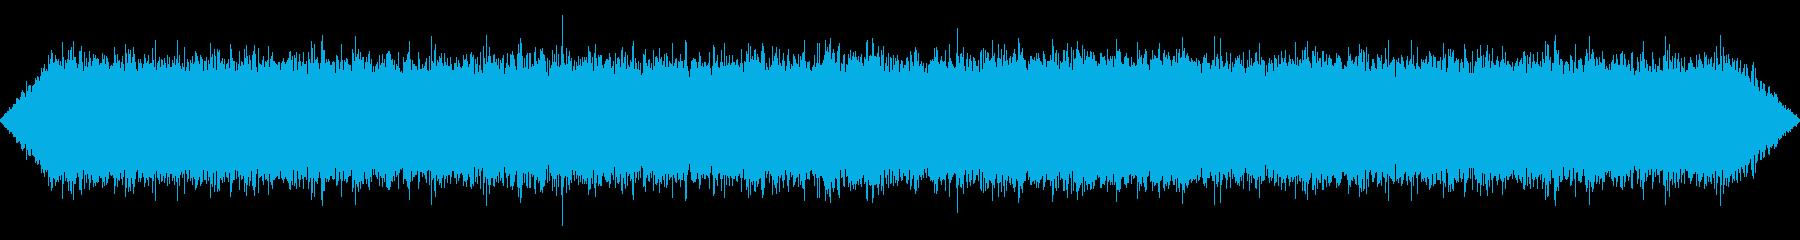 コンベアシステム:アセンブリライン...の再生済みの波形